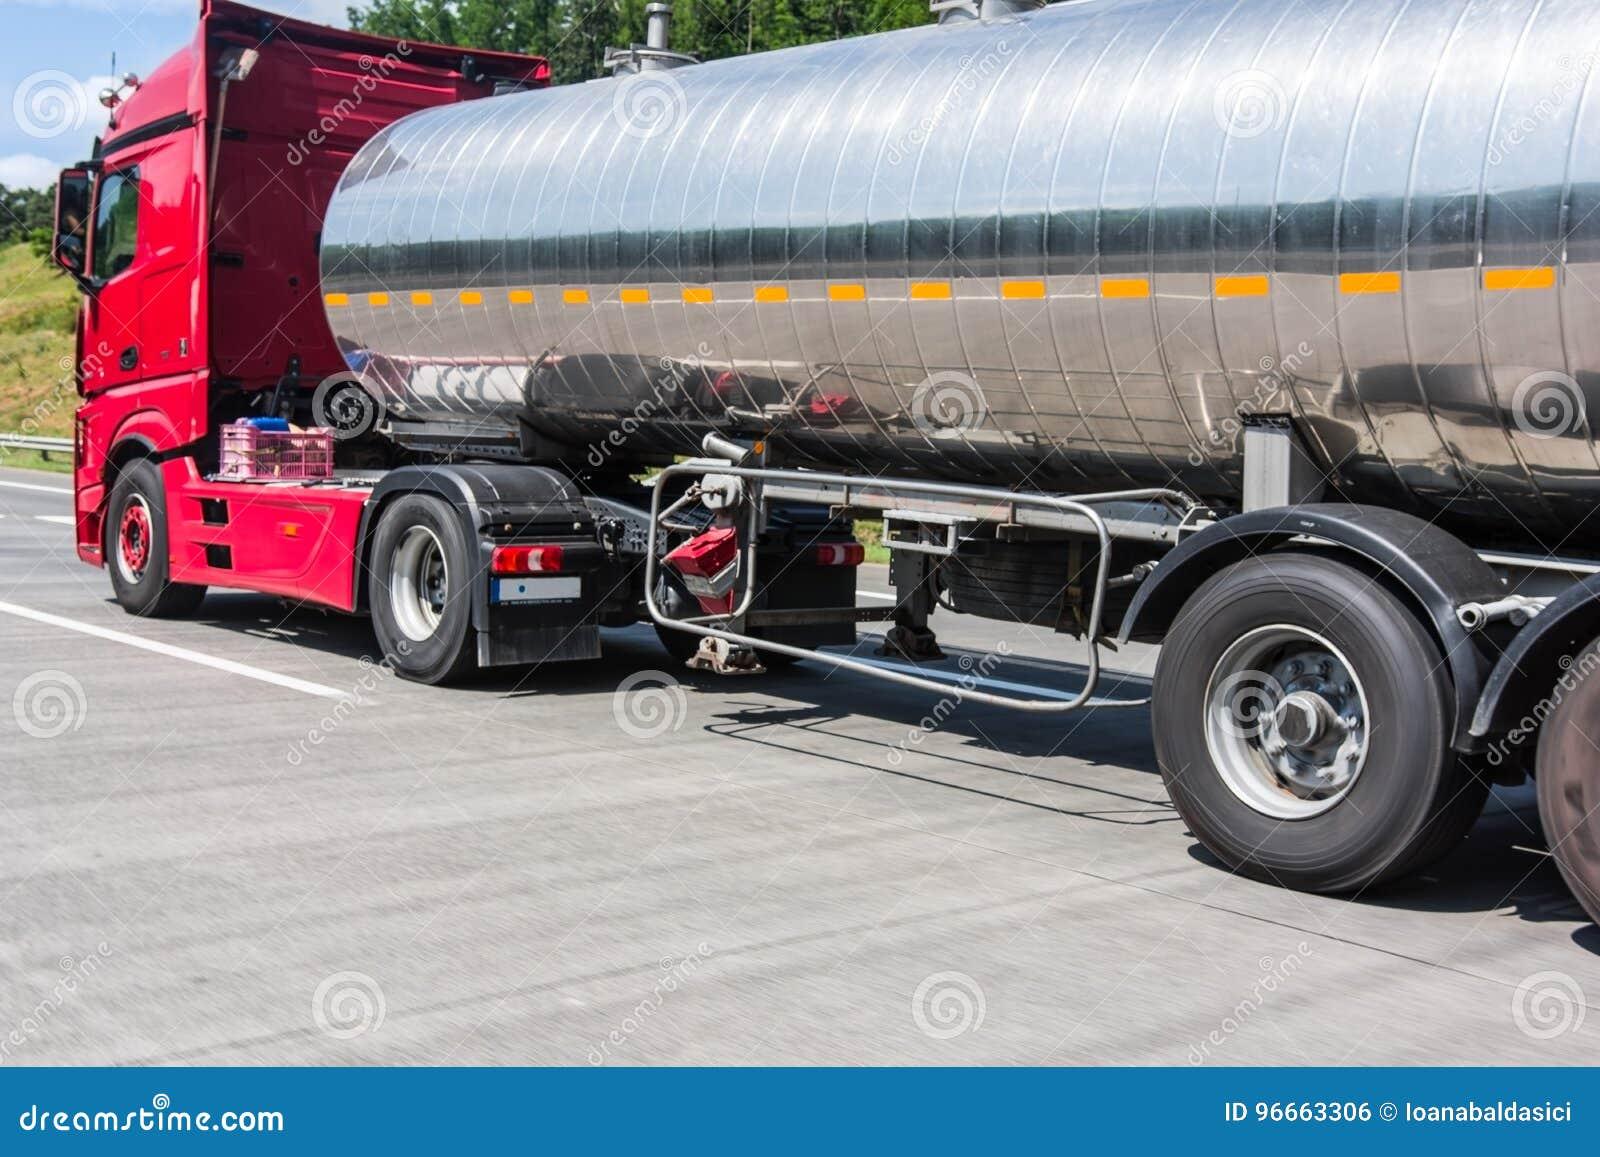 Bateaux-citerne transportant le carburant sur la route